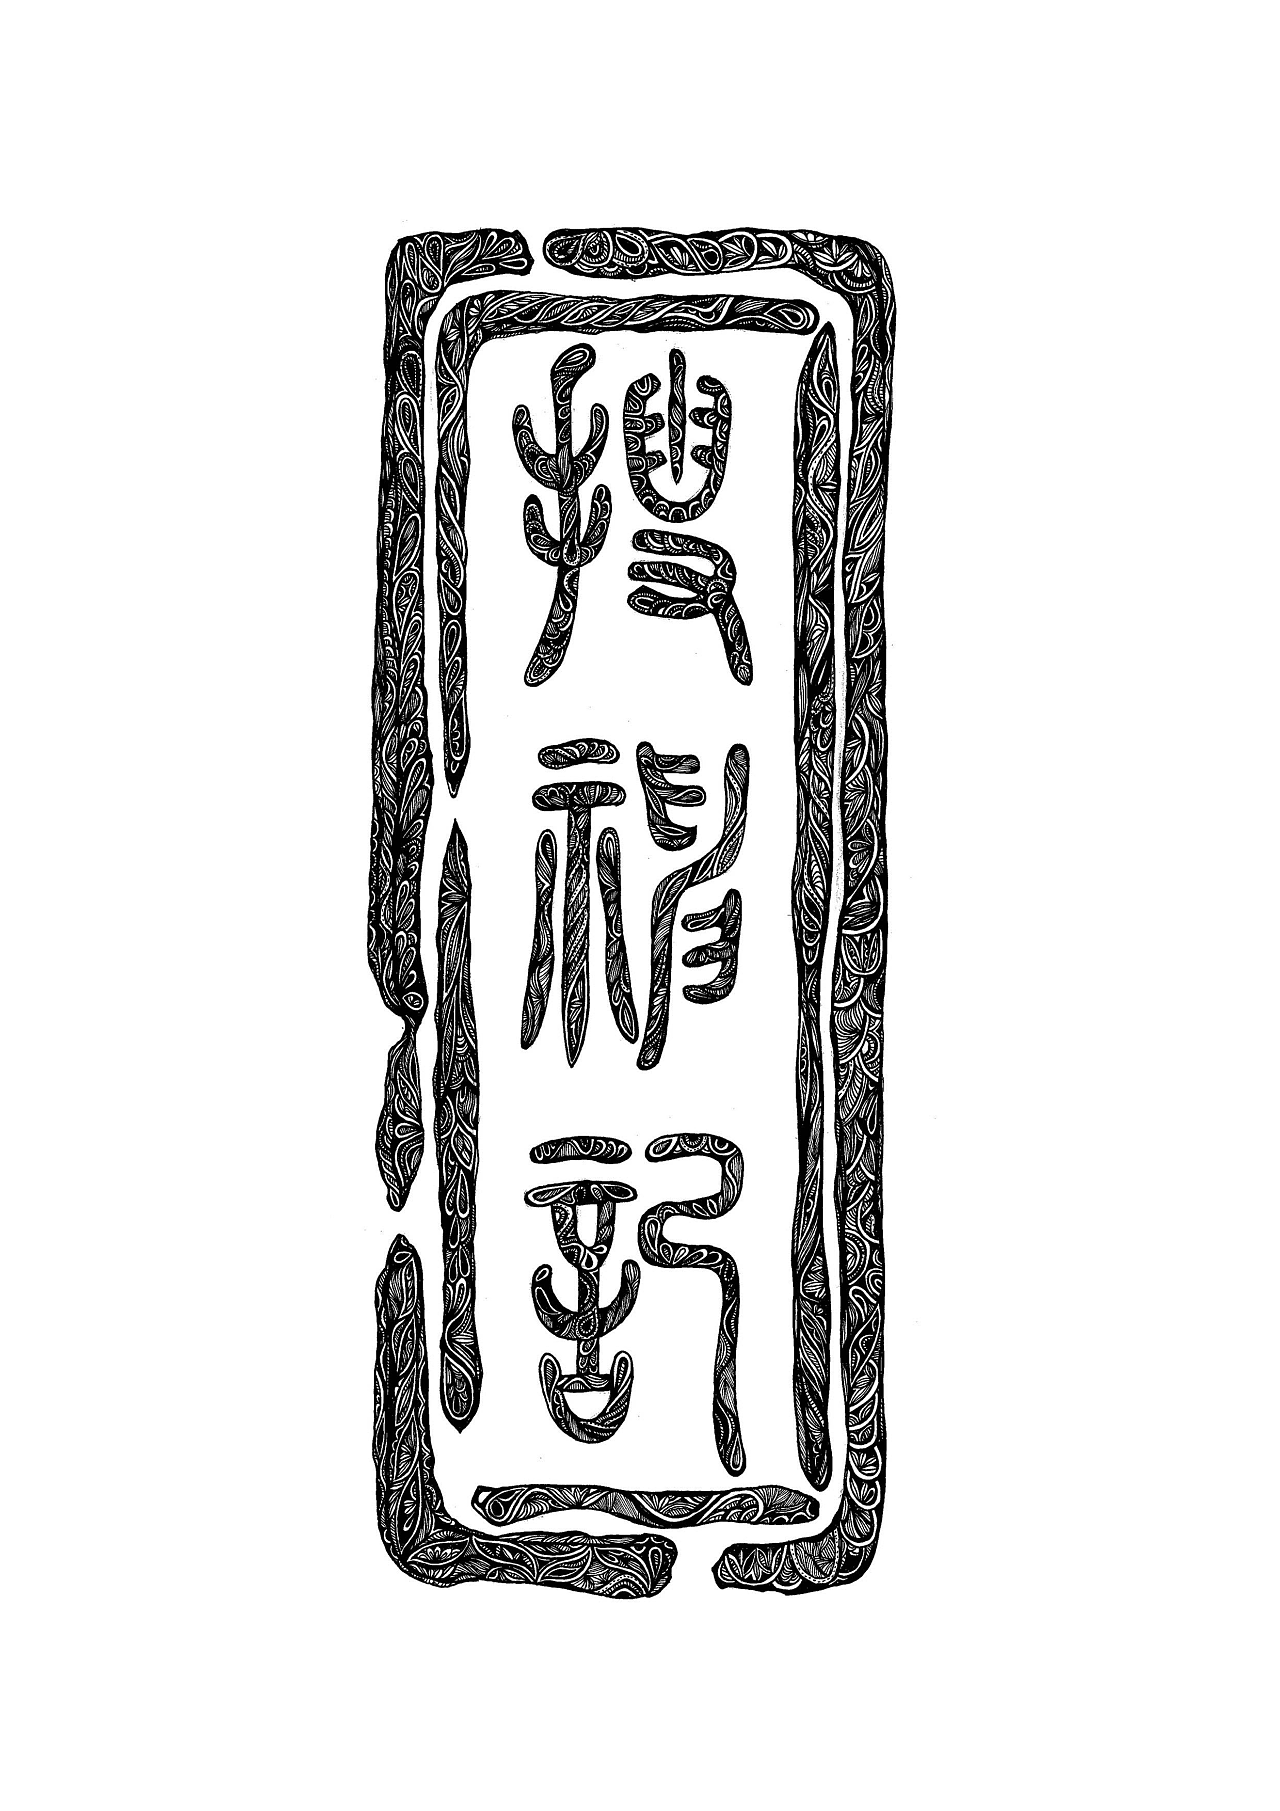 本设计运用黑白对比的表现形式与点线面的图片